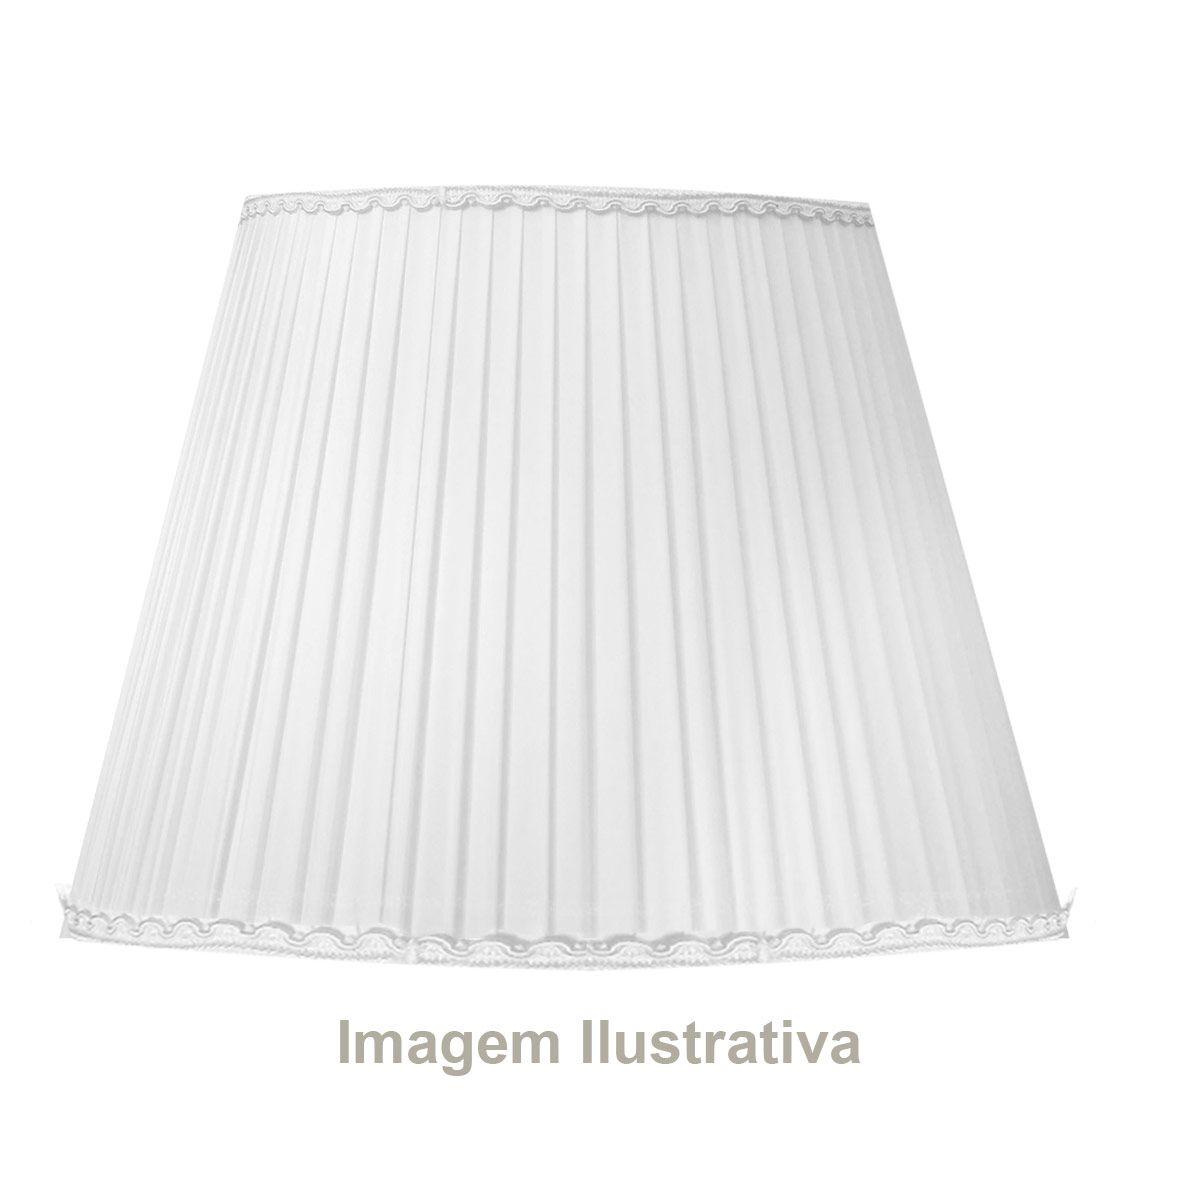 Abajur de Mesa em Cristal 964 68 cm com Cúpula Branca